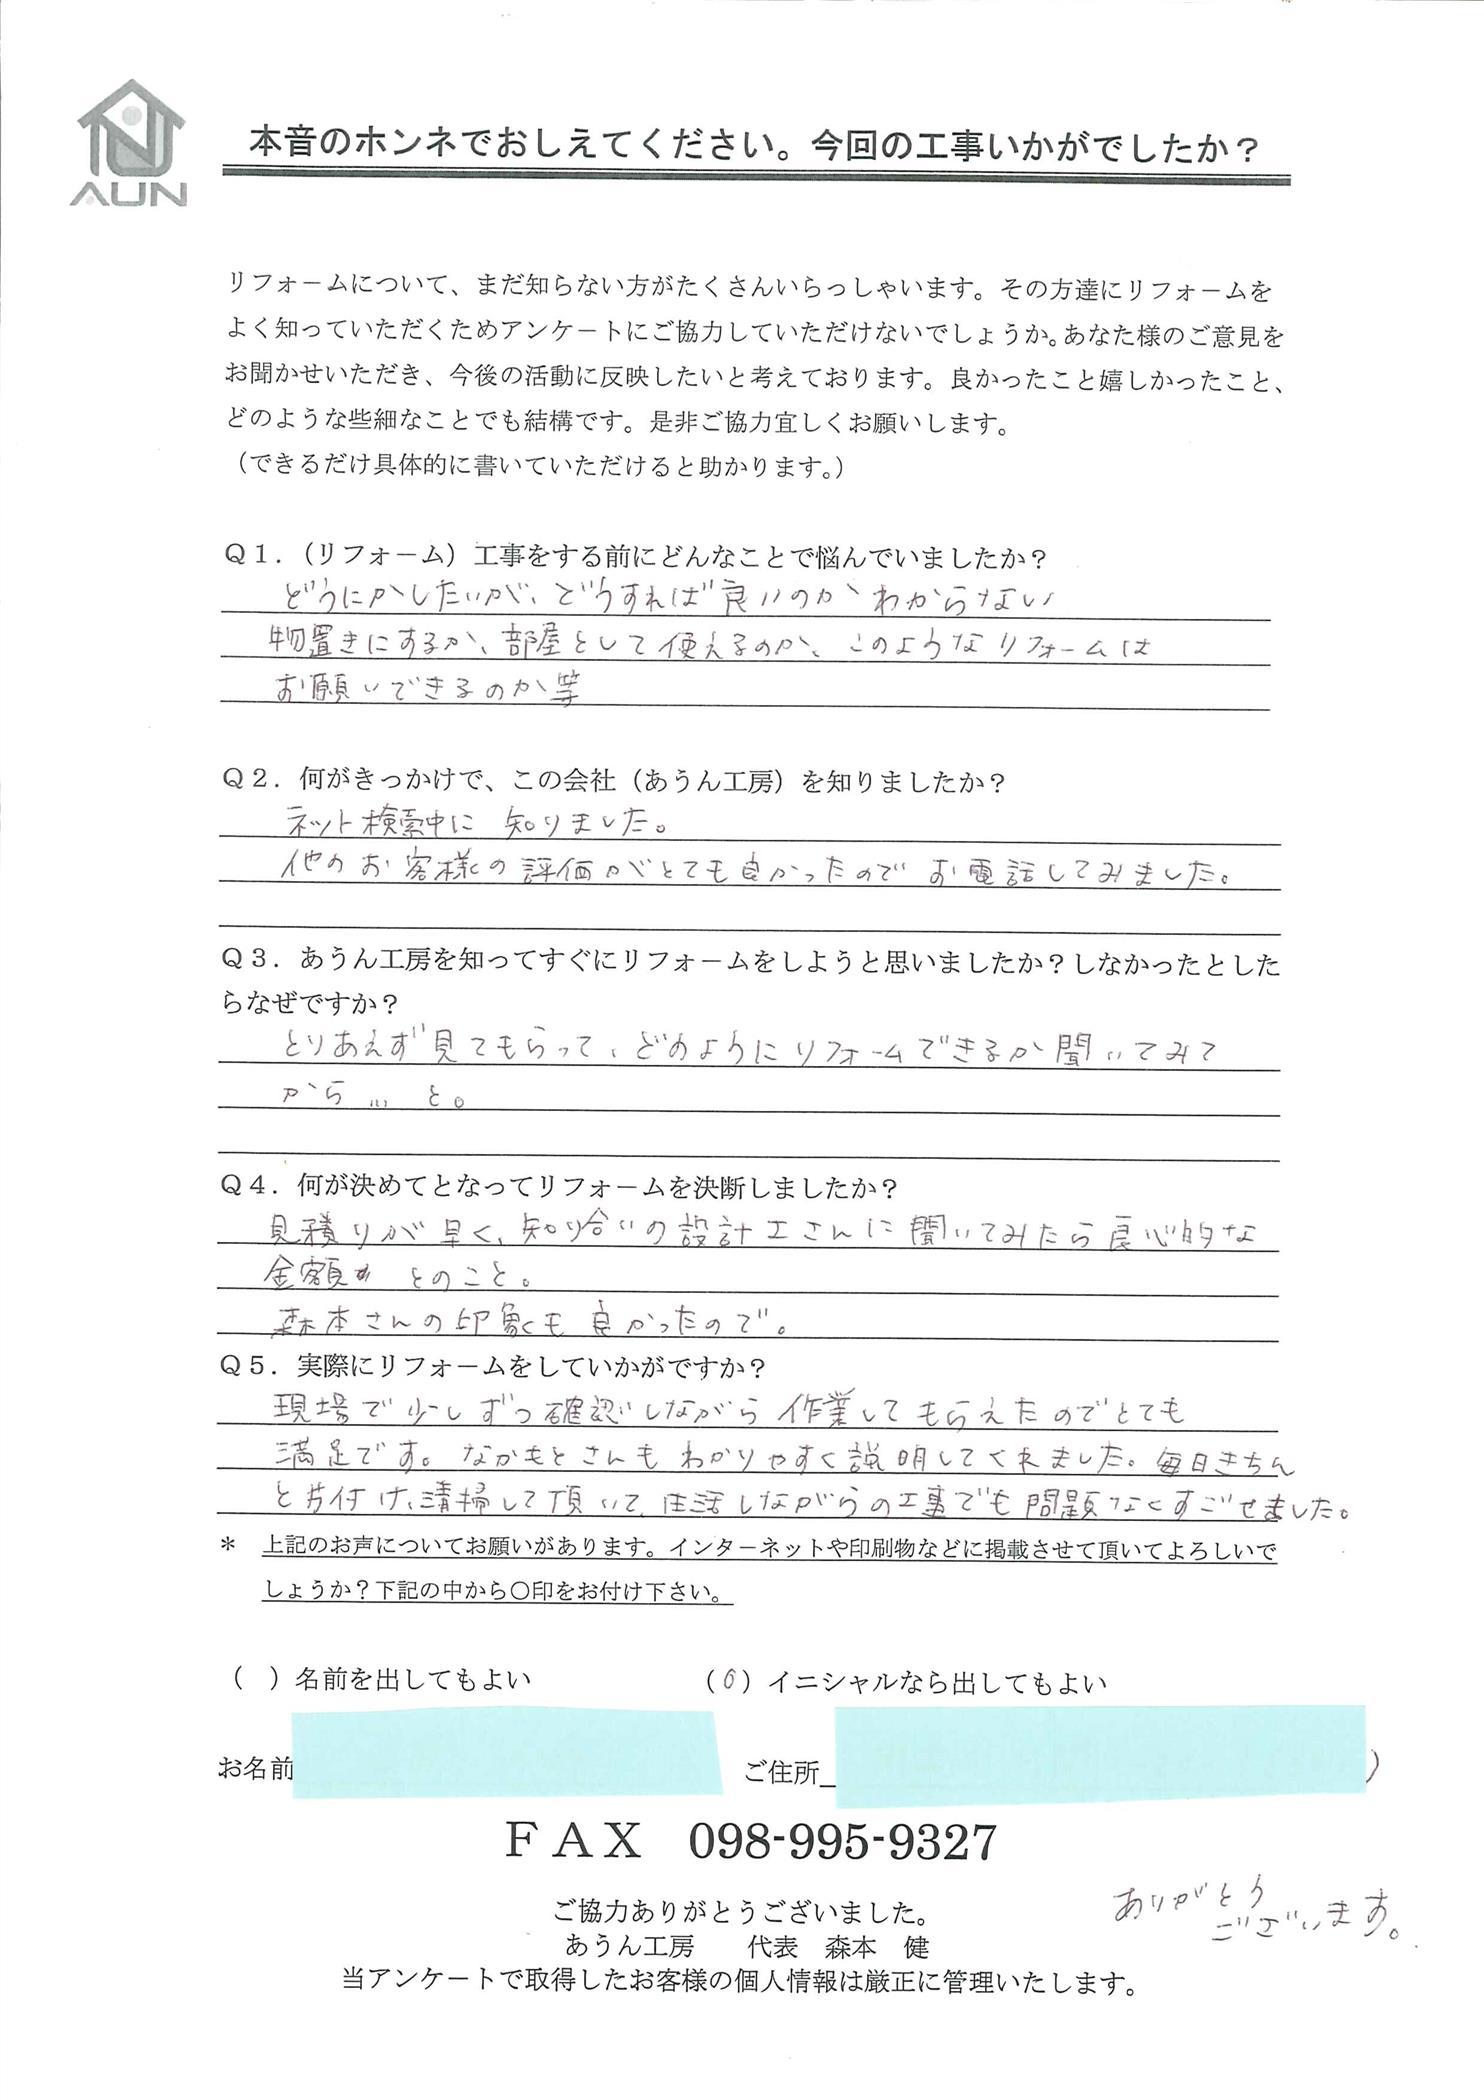 沖縄・那覇のリフォーム 実際のアンケートの画像:ユニットトイレを撤去し収納スペースへ変更